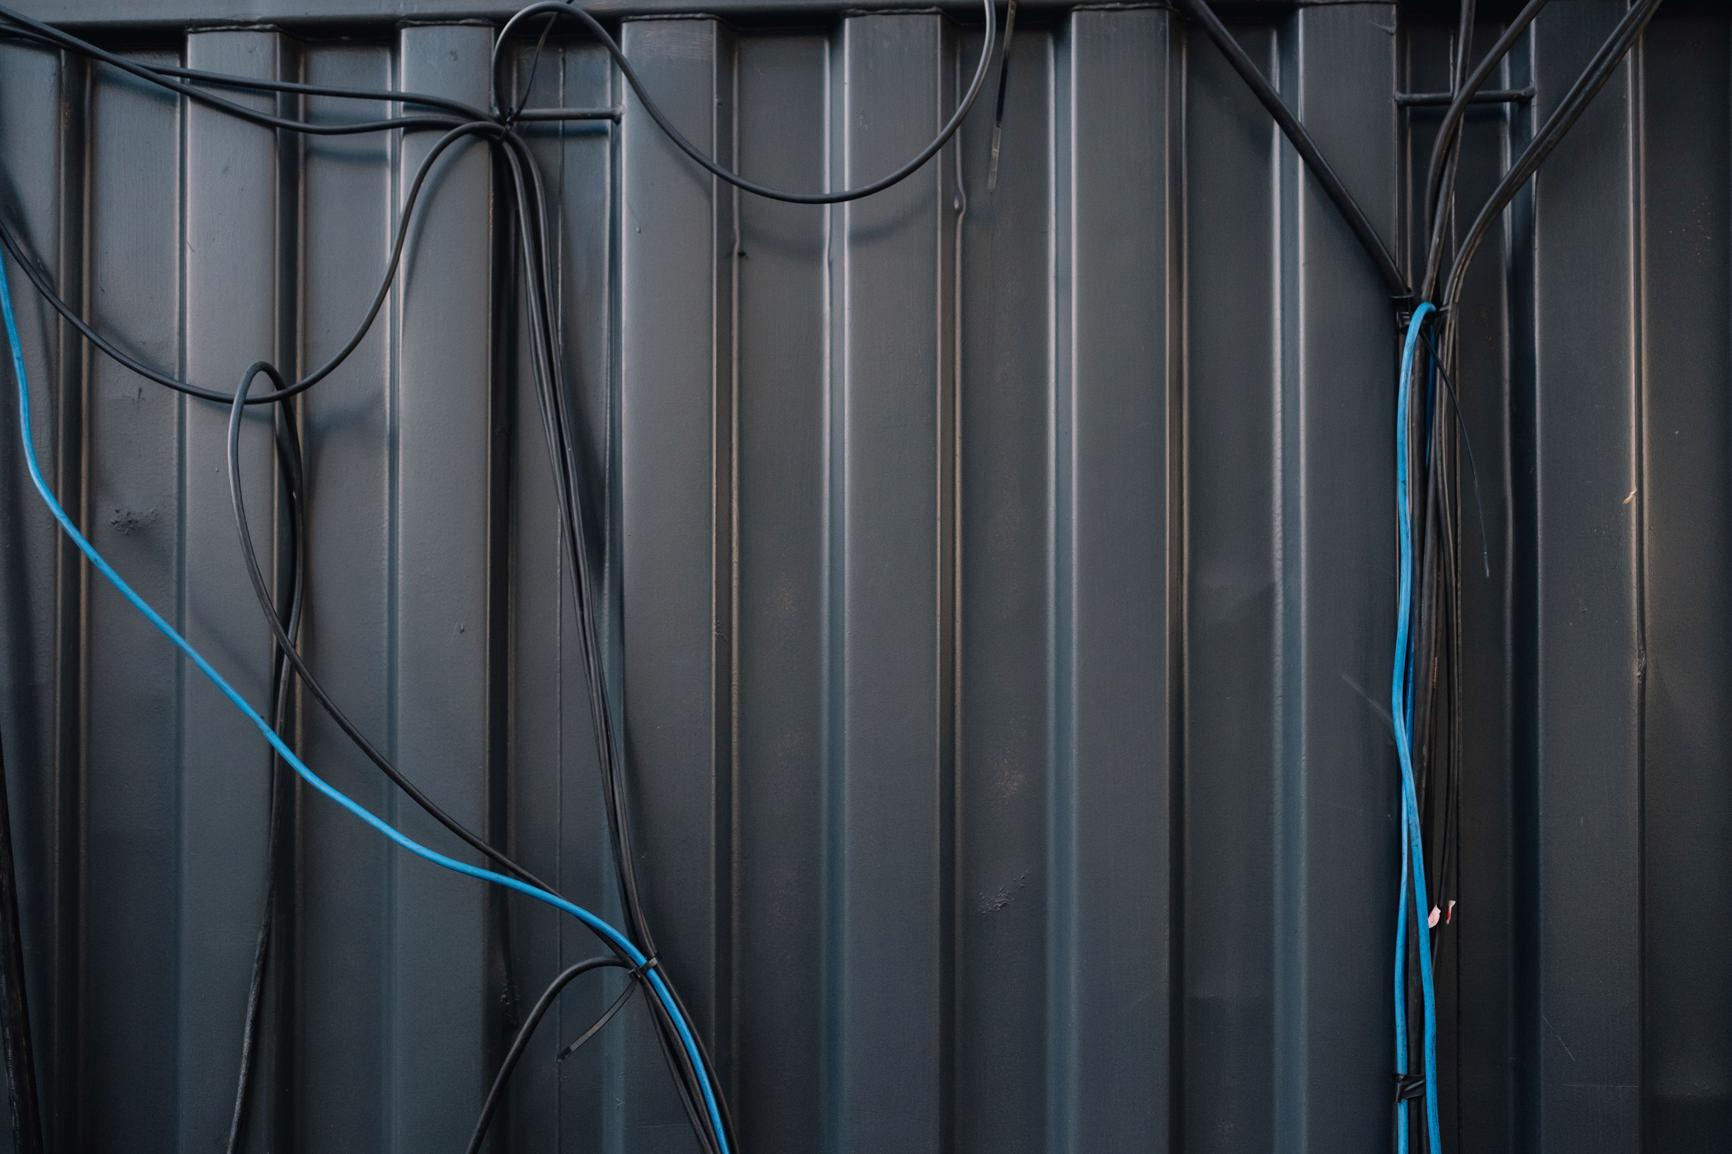 002-wires.jpg